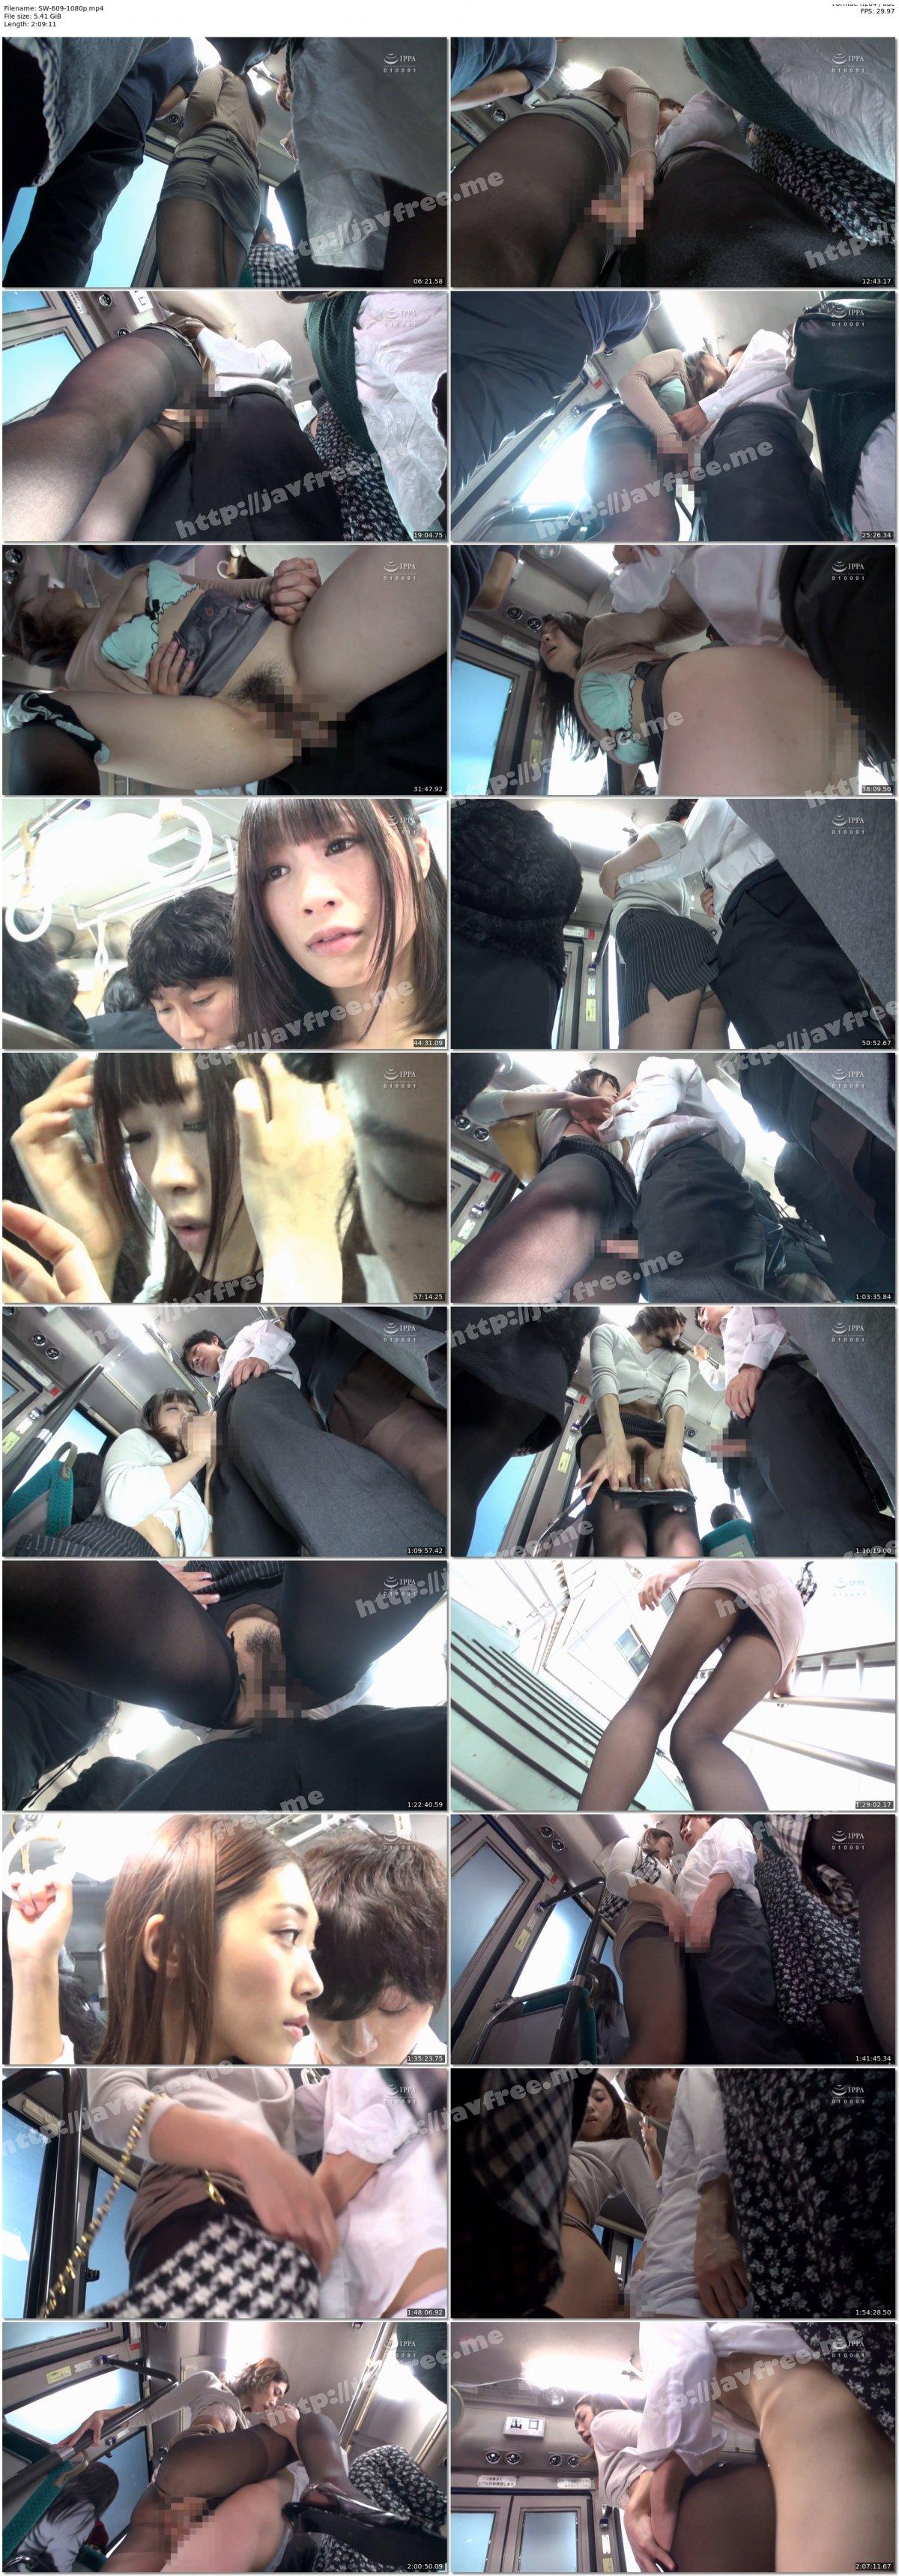 [HD][SW-609] 満員バスで女子社員の黒パンストむっちり尻が通学中の僕の敏感チ○ポにすりすりしてくるもんでギンギンなっちゃった!そんな元気チ○ポを握りしめずにはいられないムラムラお姉さんと、他の乗客にバレないようにこっそり挿入しちゃった! - image SW-609-1080p on https://javfree.me